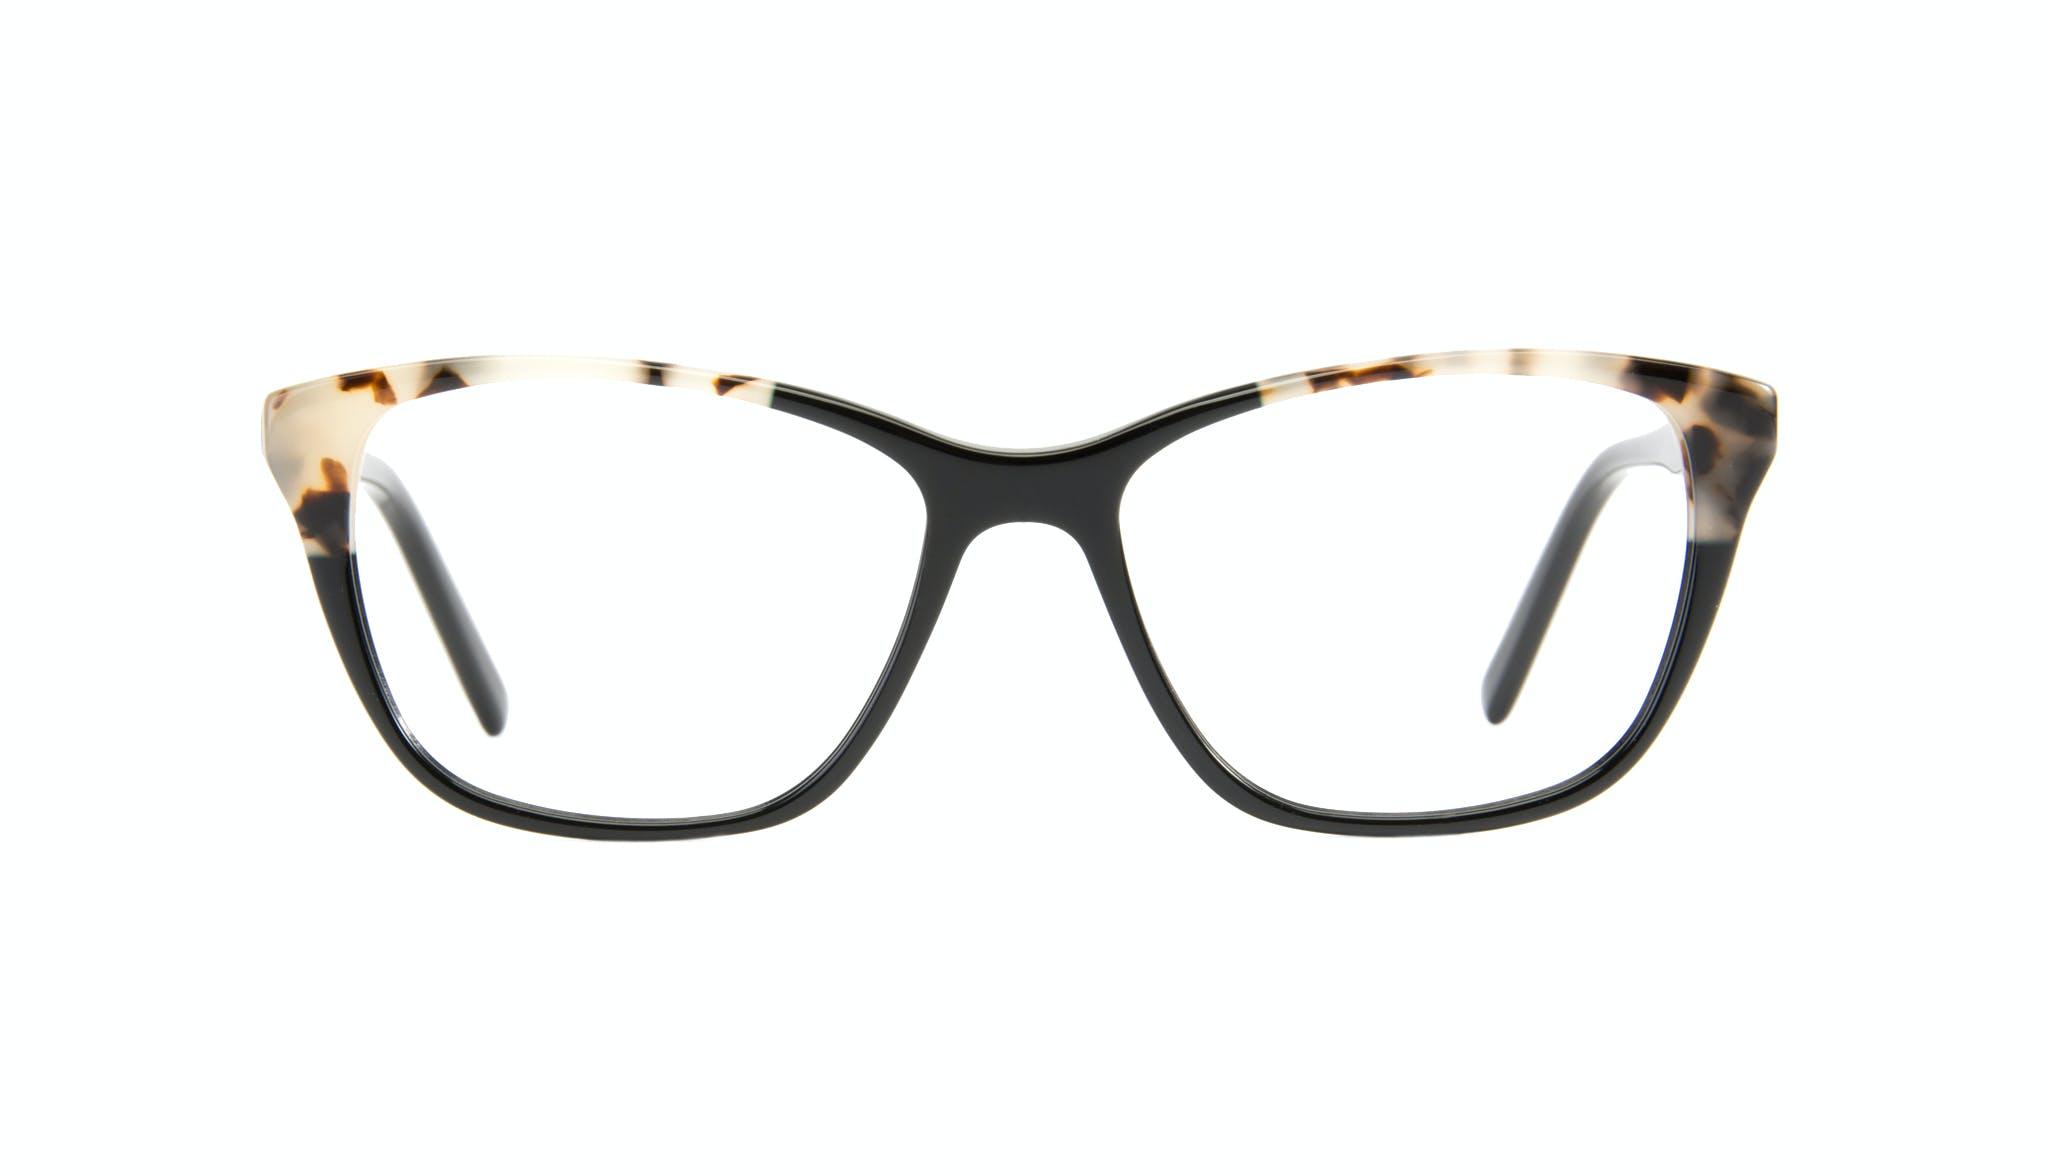 Lunettes tendance Oeil de chat Lunettes de vue Femmes Myrtle Petite Ebony Granite